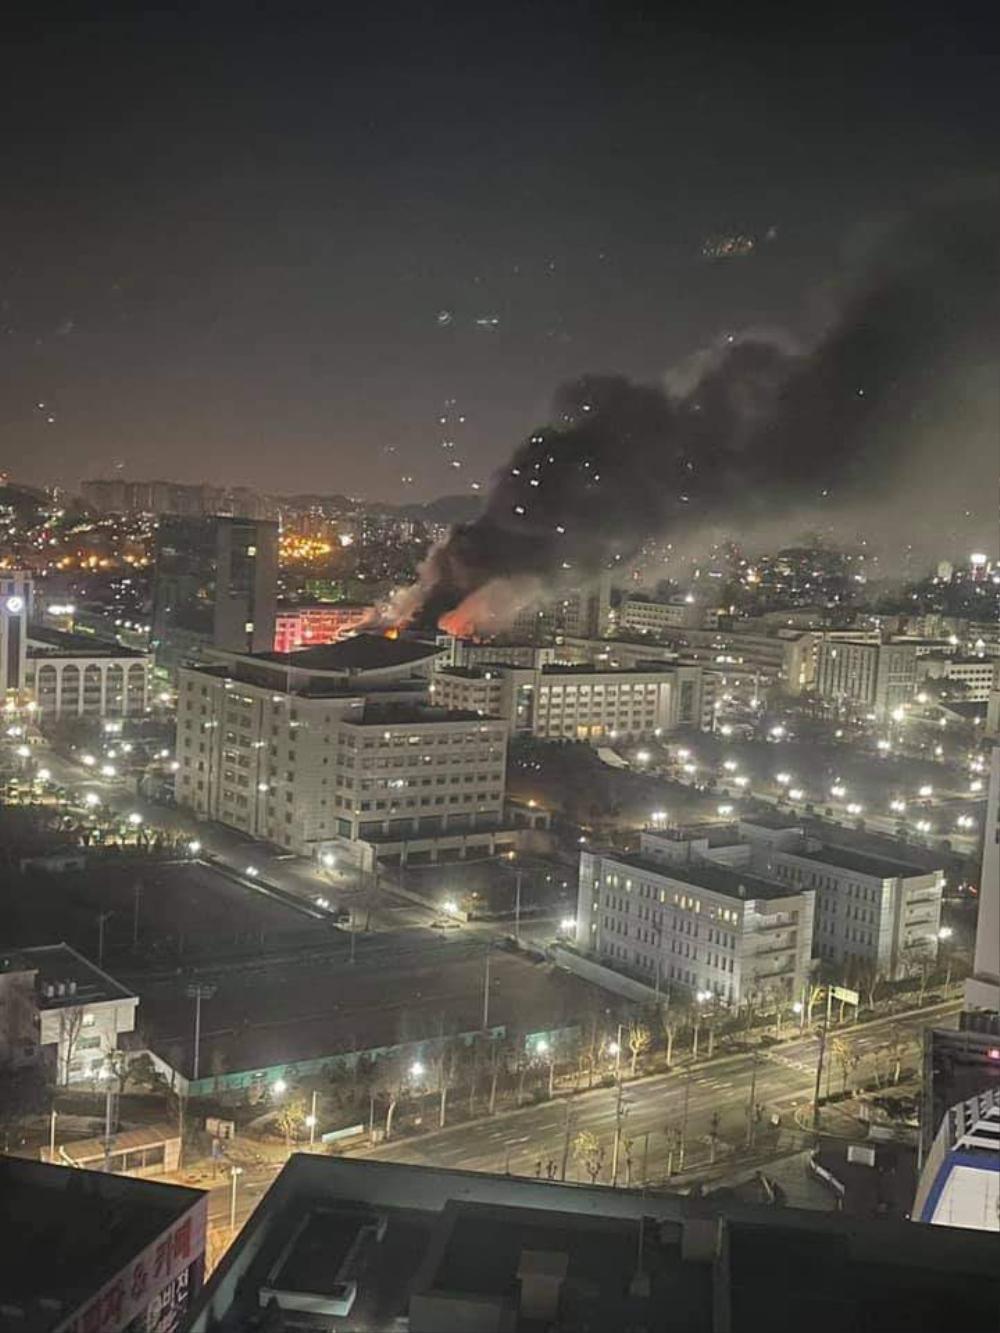 Trường Đại học Hàn Quốc cháy lớn ngay đêm Giao thừa 2021: Hơn 70 lính cứu hỏa đến dập lửa! Ảnh 3